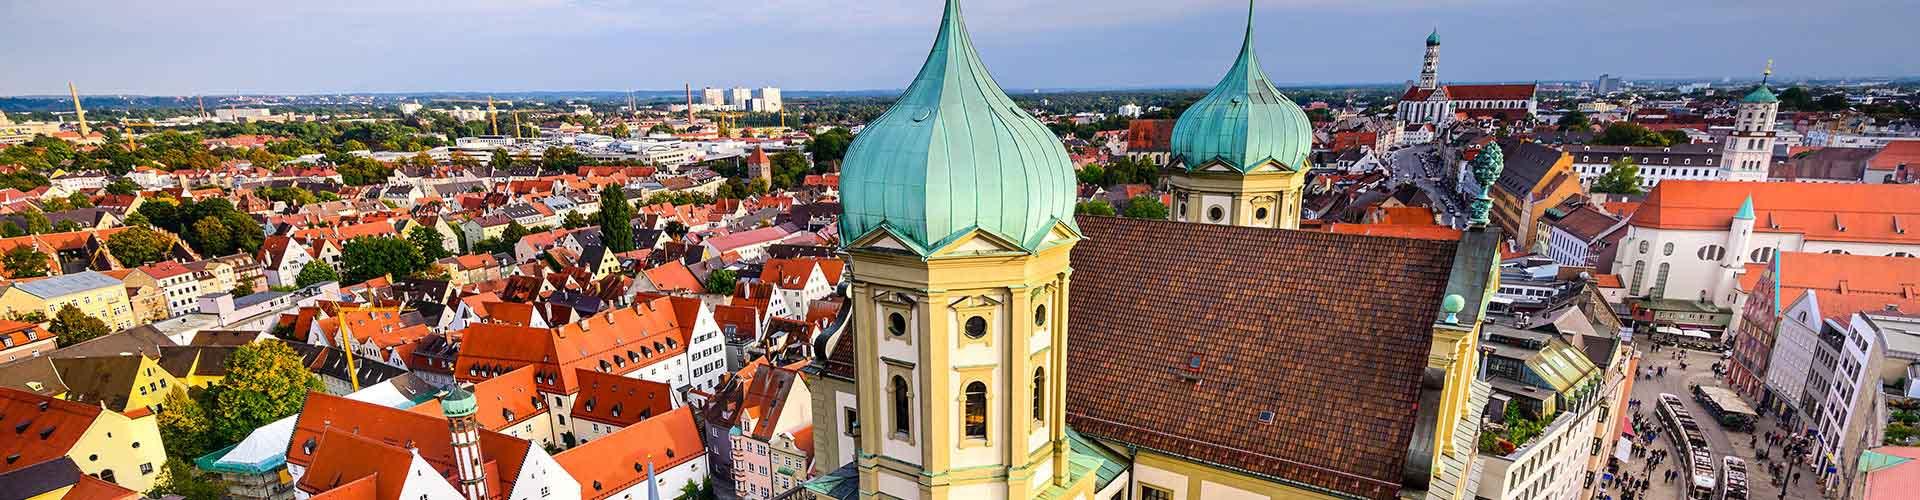 Augsburg - Appartments à Augsburg. Cartes pour Augsburg, photos et commentaires pour chaque appartement à Augsburg.